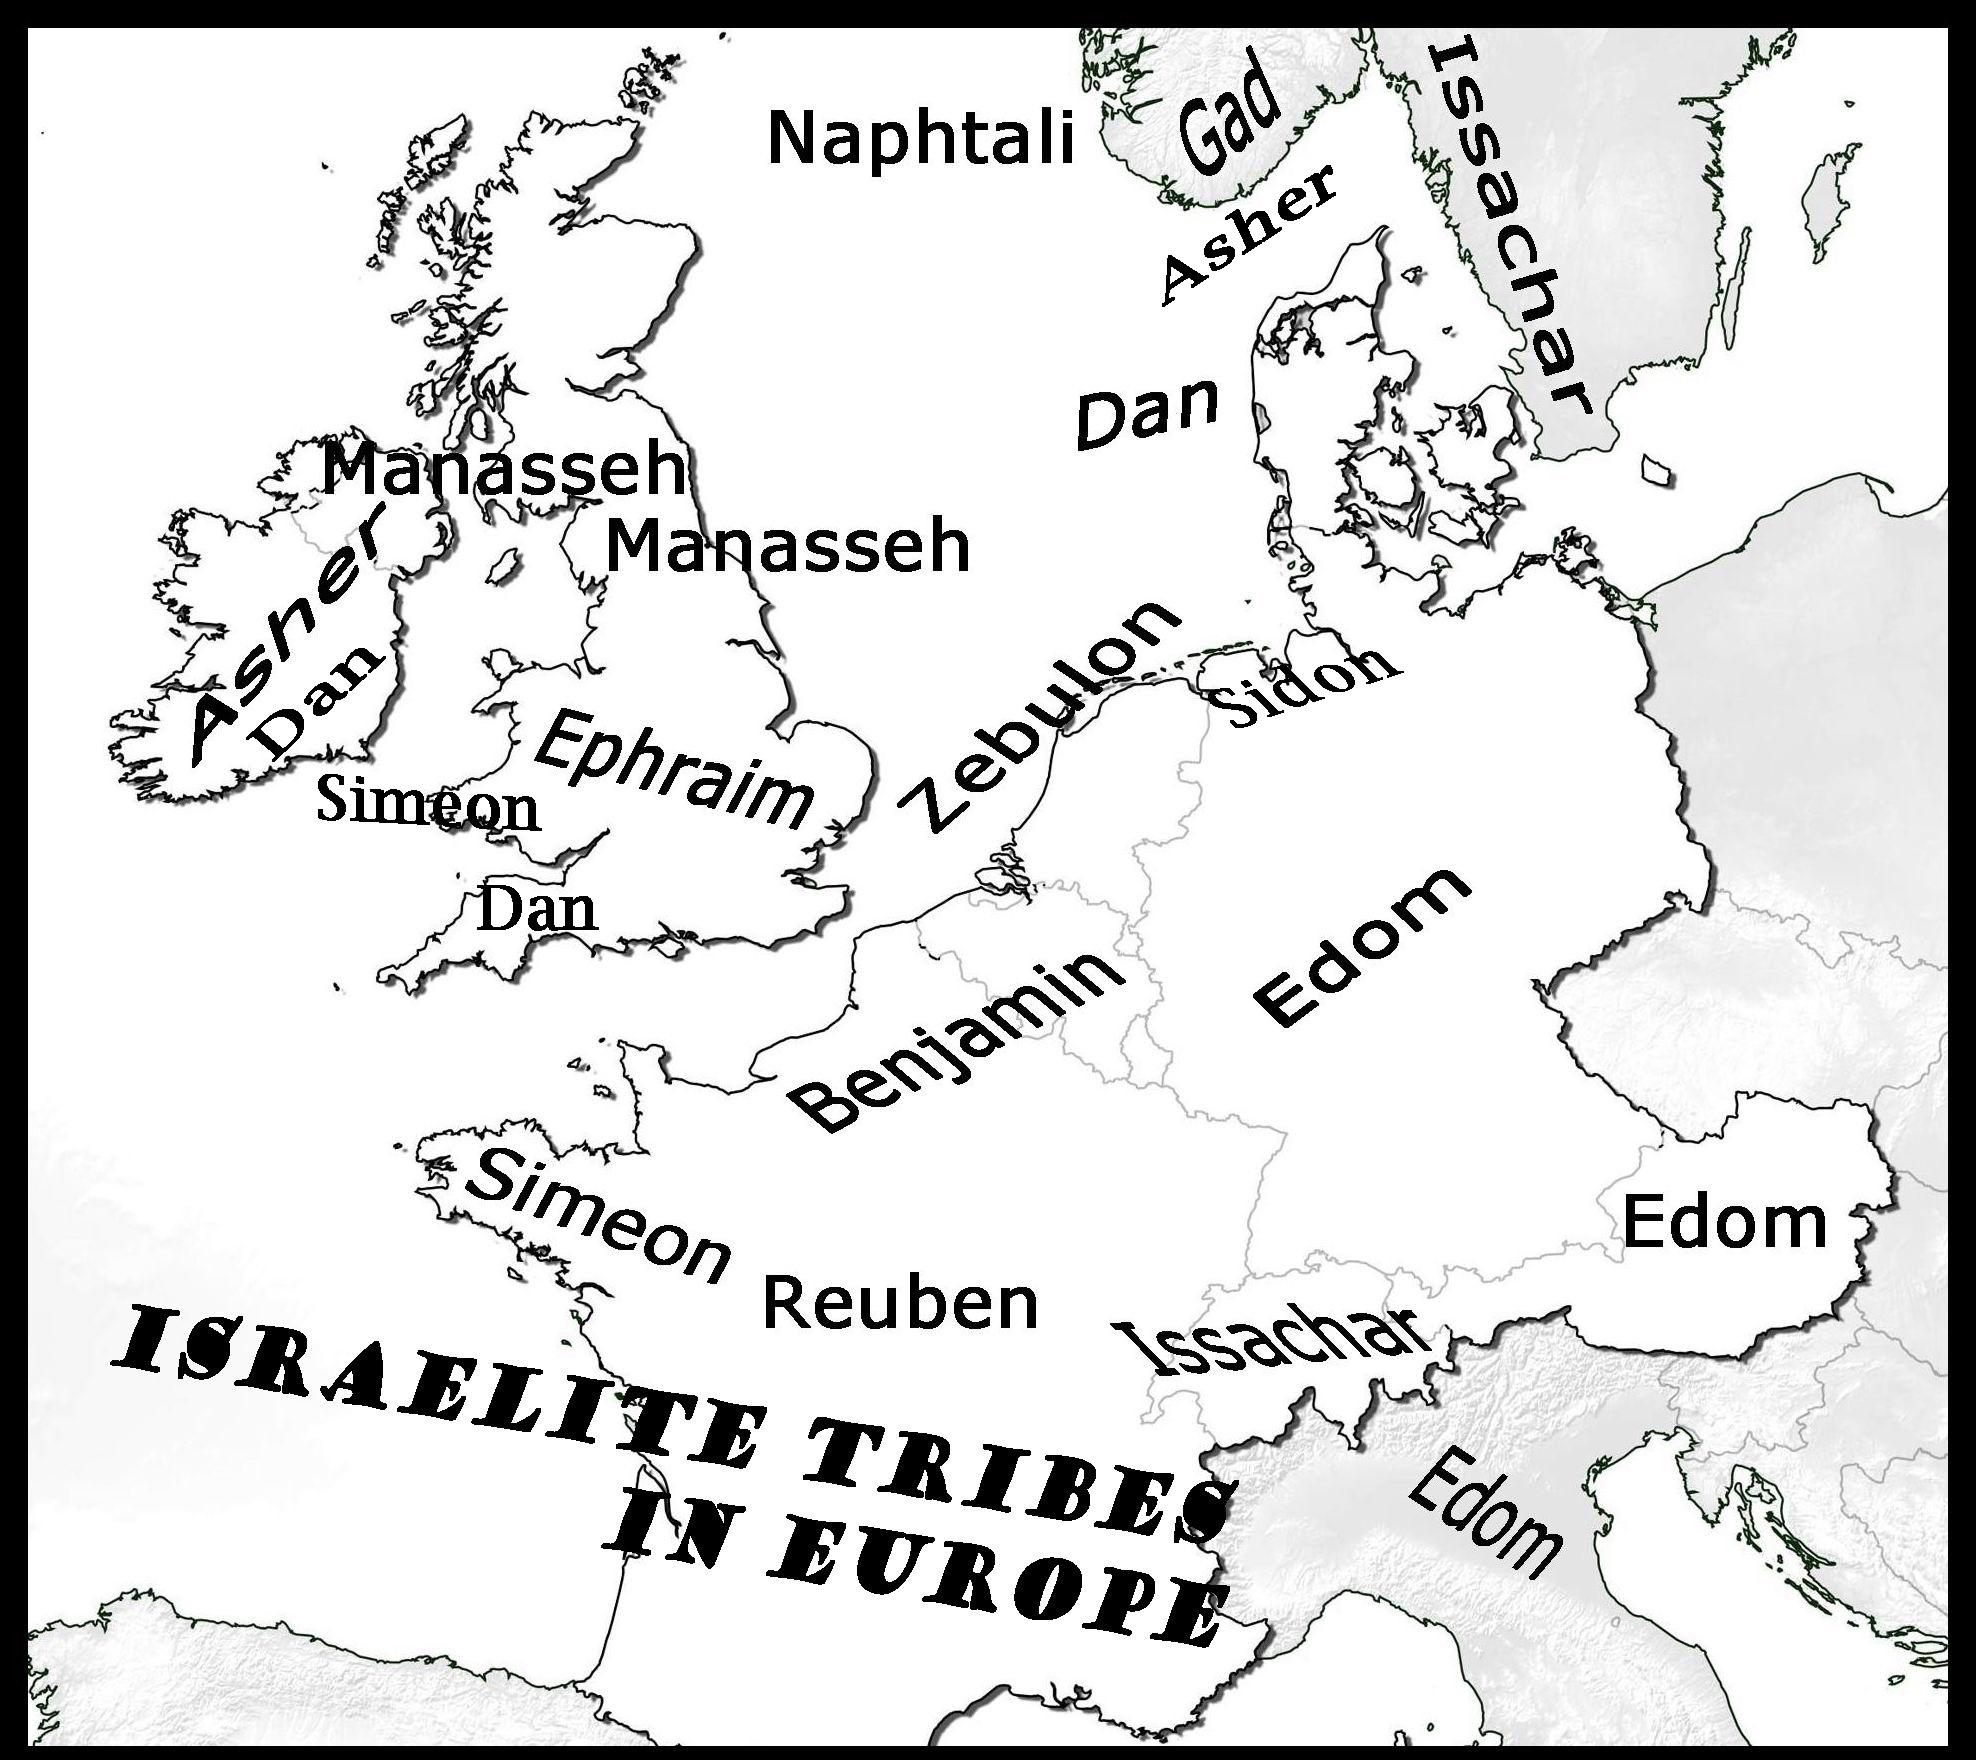 http://hebraictribes.com/europeDD.jpg